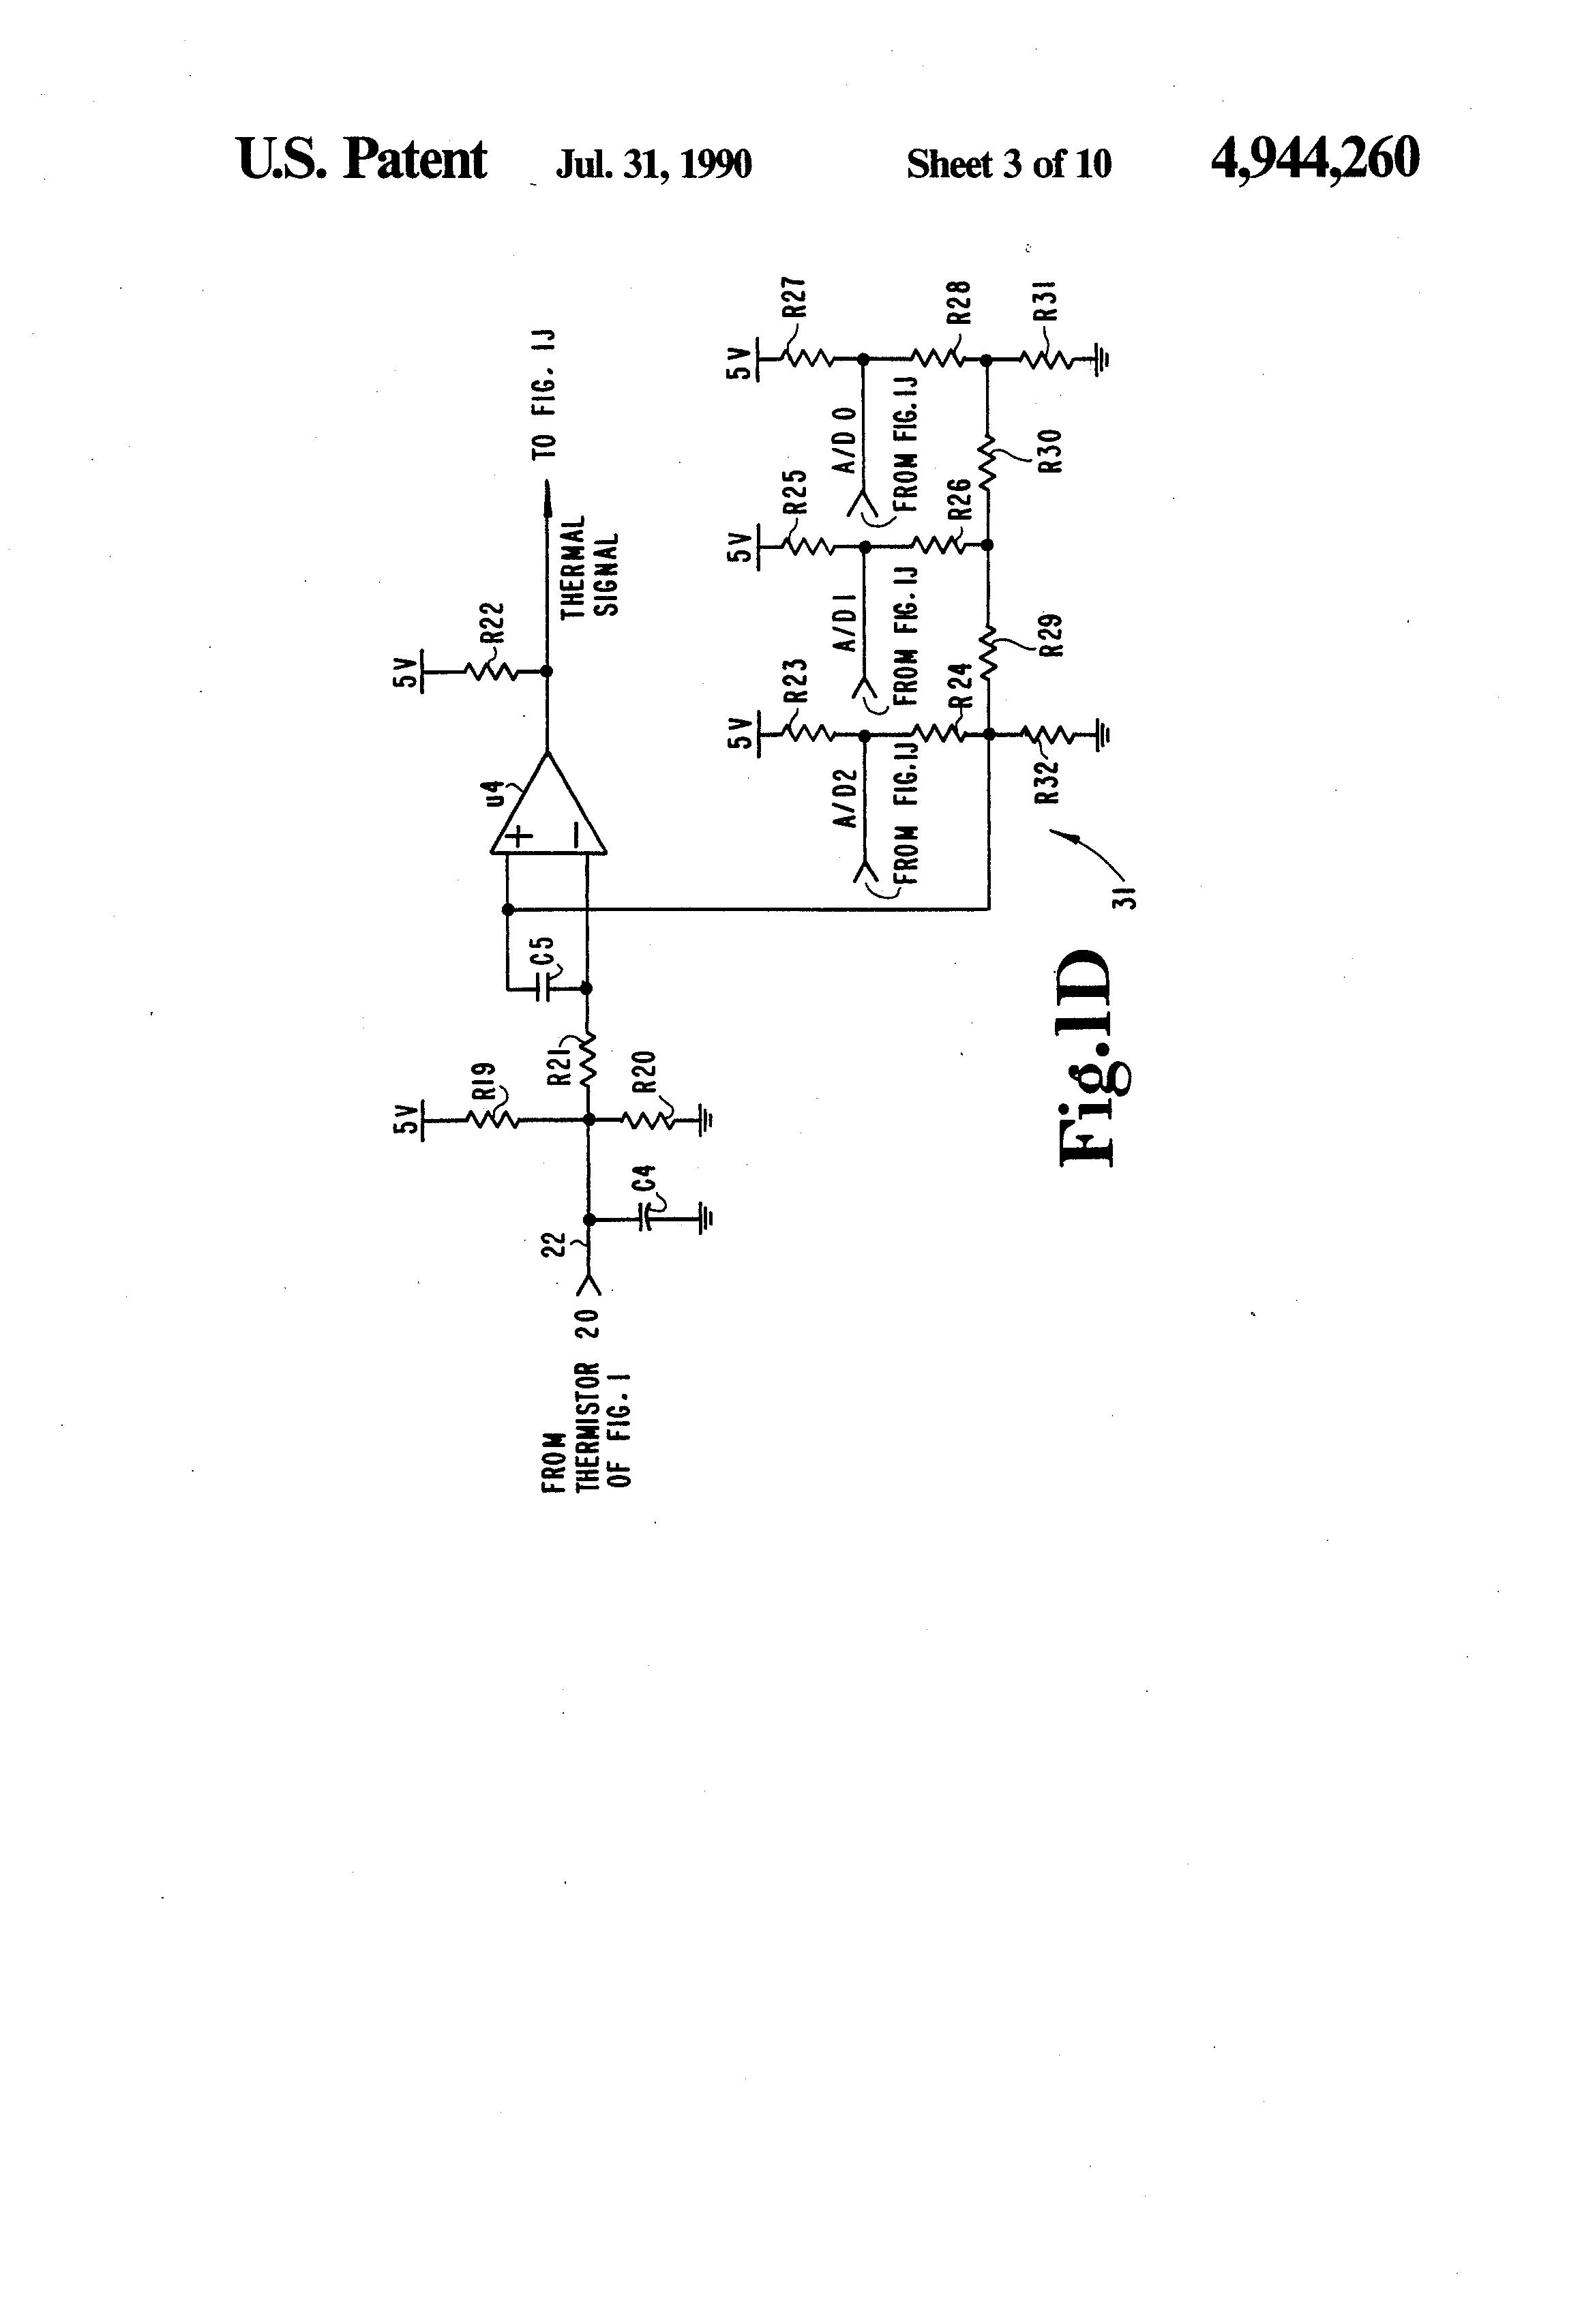 Air Intake Heater Circuit Wiring Diagram A Wiring Diagram